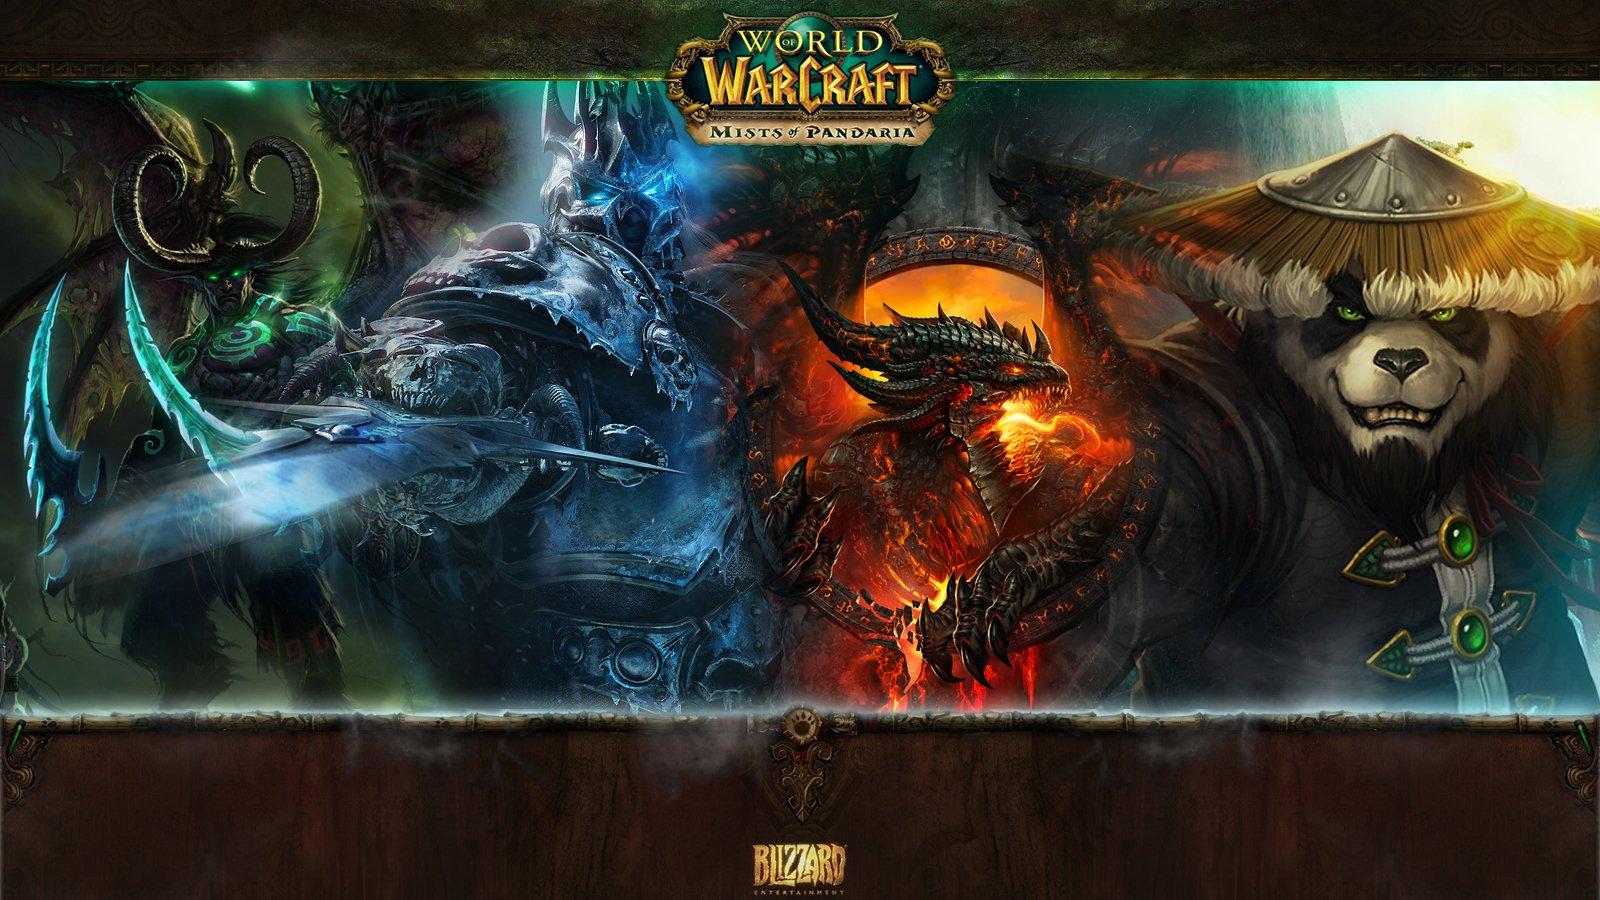 Съемки фильма по играм Warcraft закончат через три недели. - Изображение 1